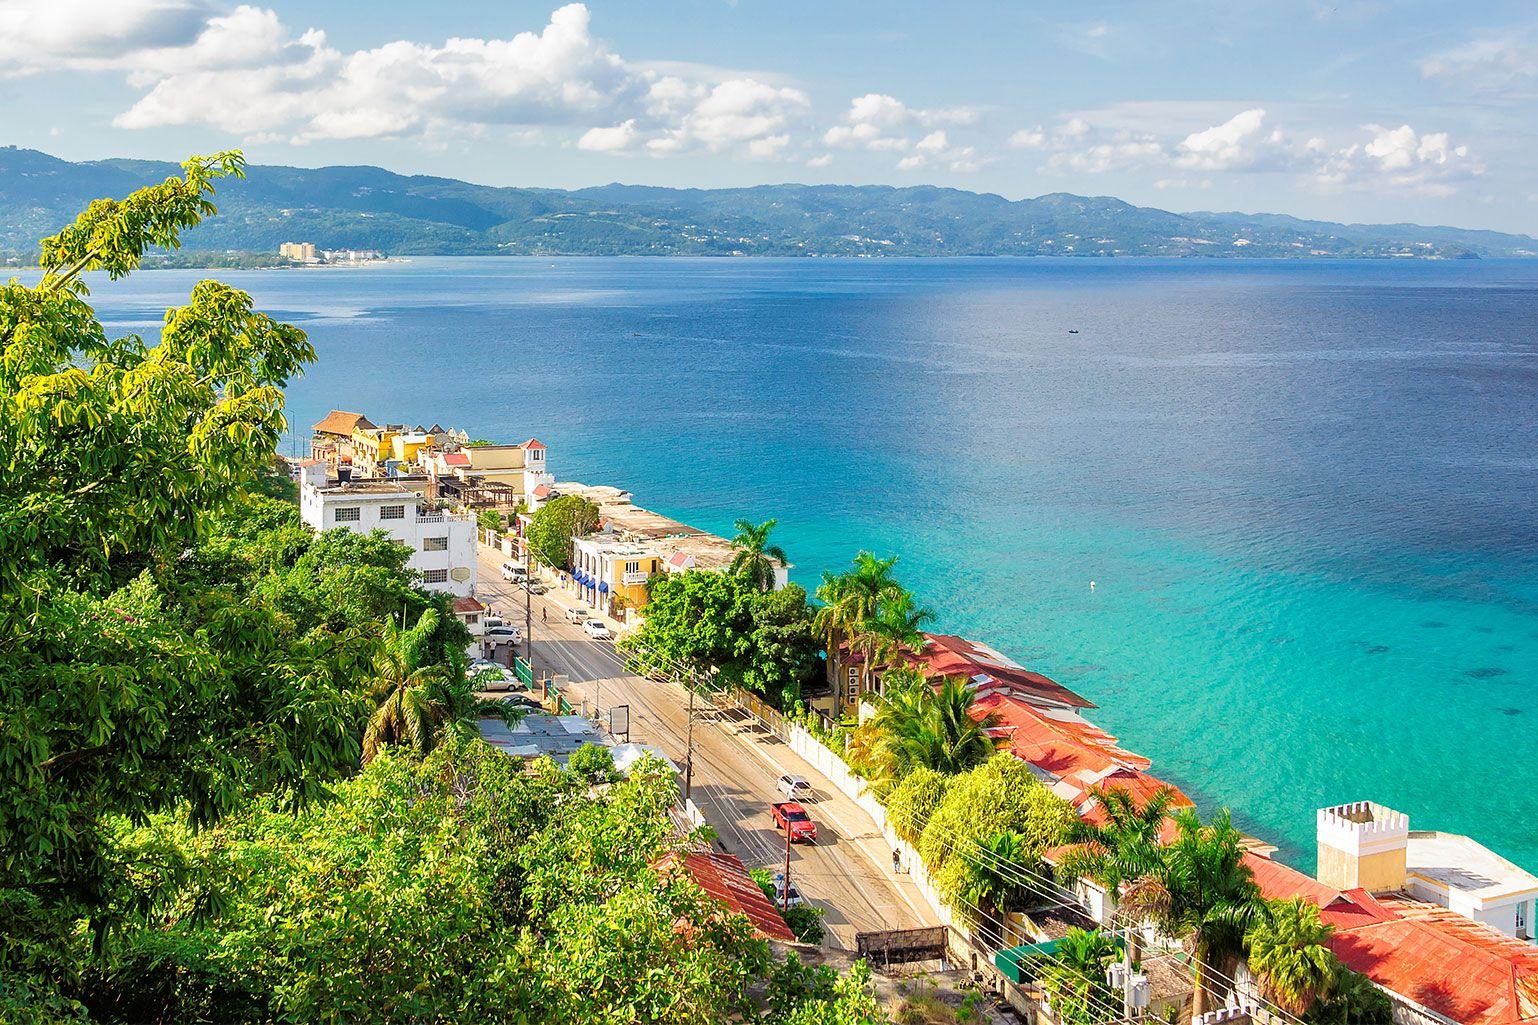 Sejur plaja Montego Bay, 9 zile - noiembrie 2021